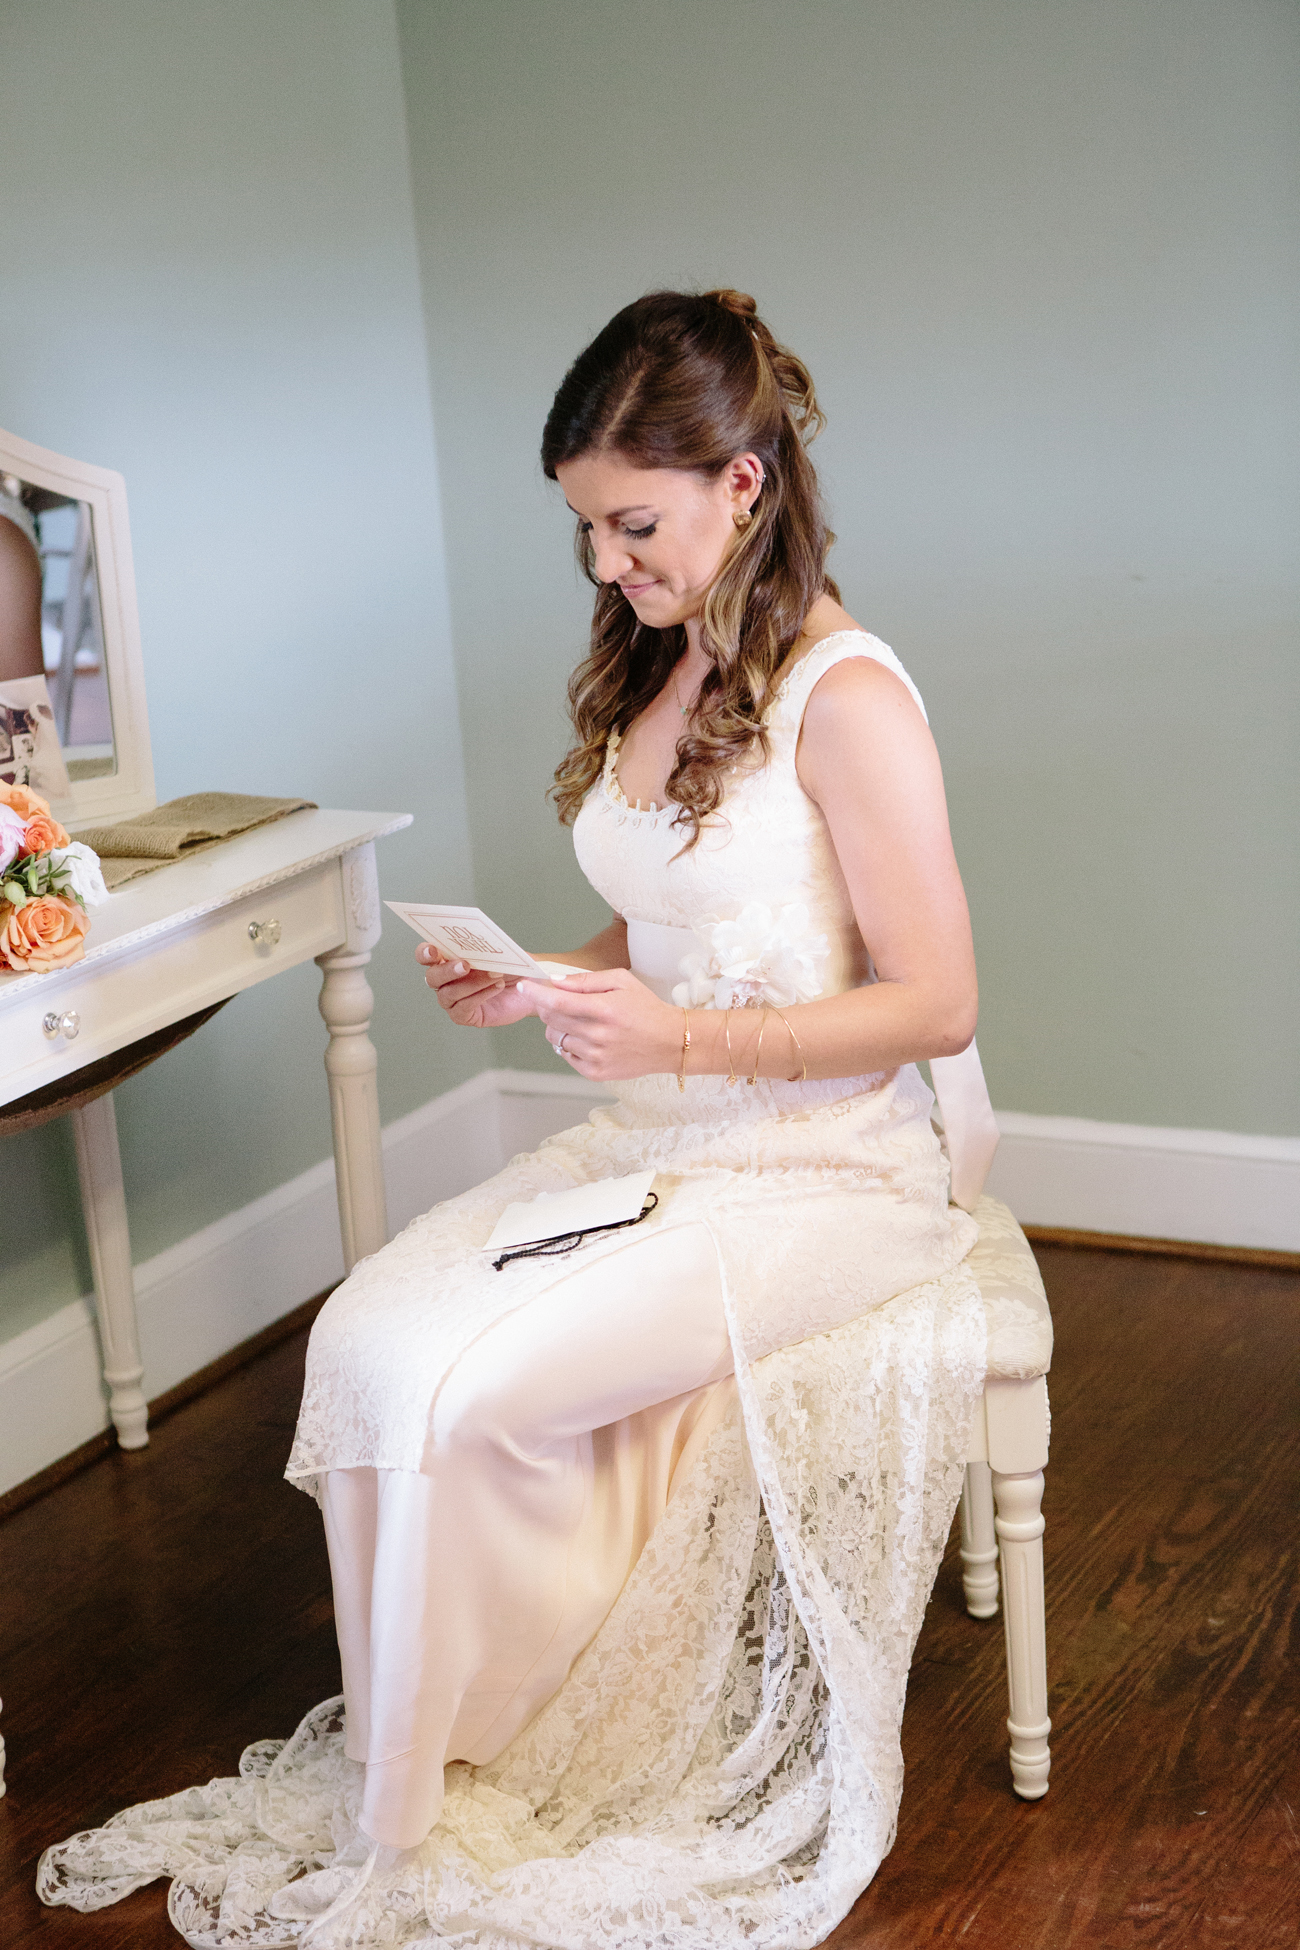 LaurenKorey_SotterleyPlantation_Wedding (98 of 117)14